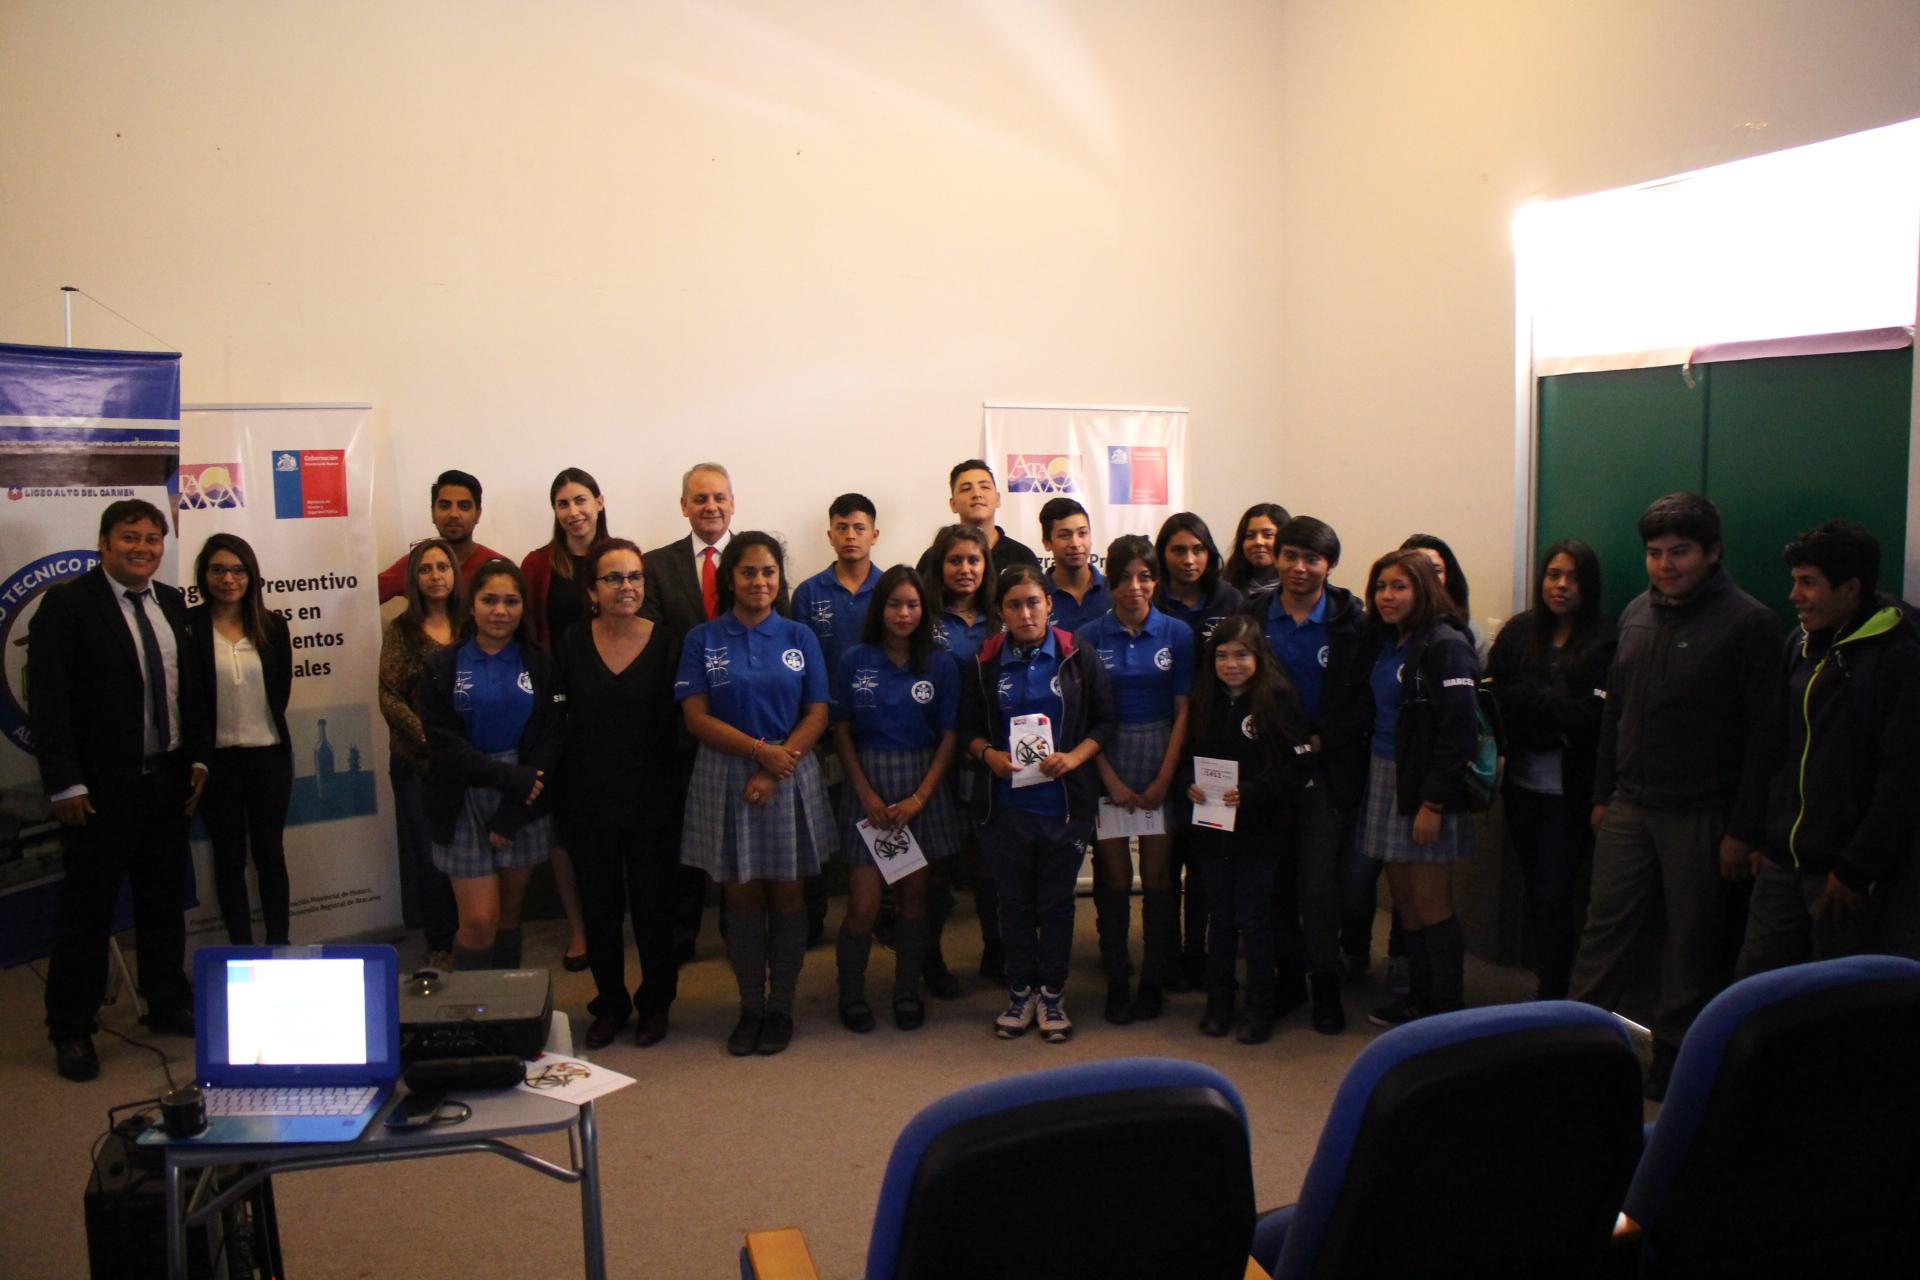 Finalizó Programa Preventivo de Drogas en Establecimientos Educacionales en el Liceo Alto del Carmen